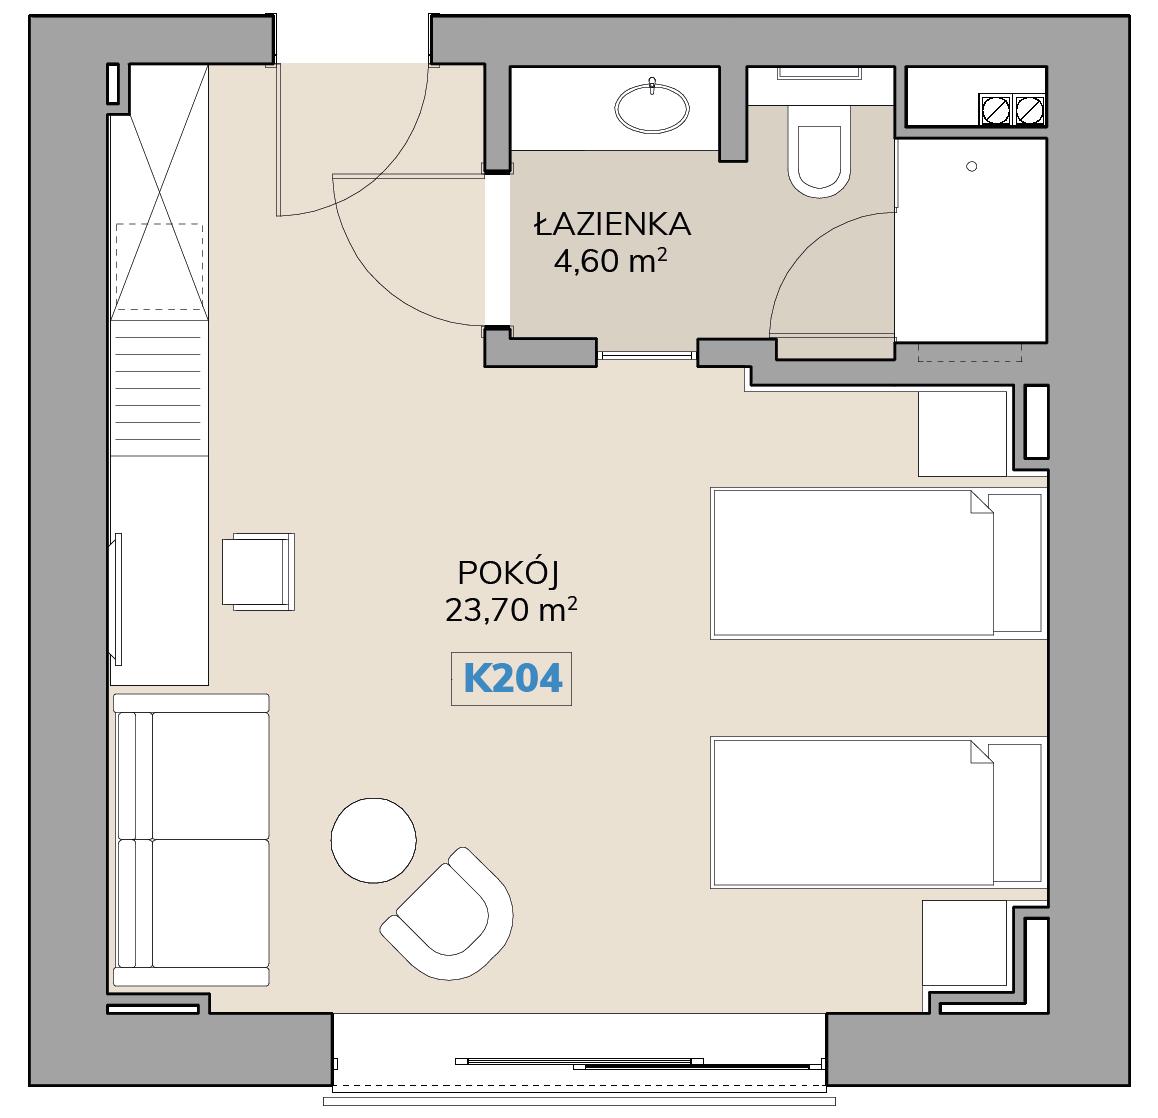 Apartament K204